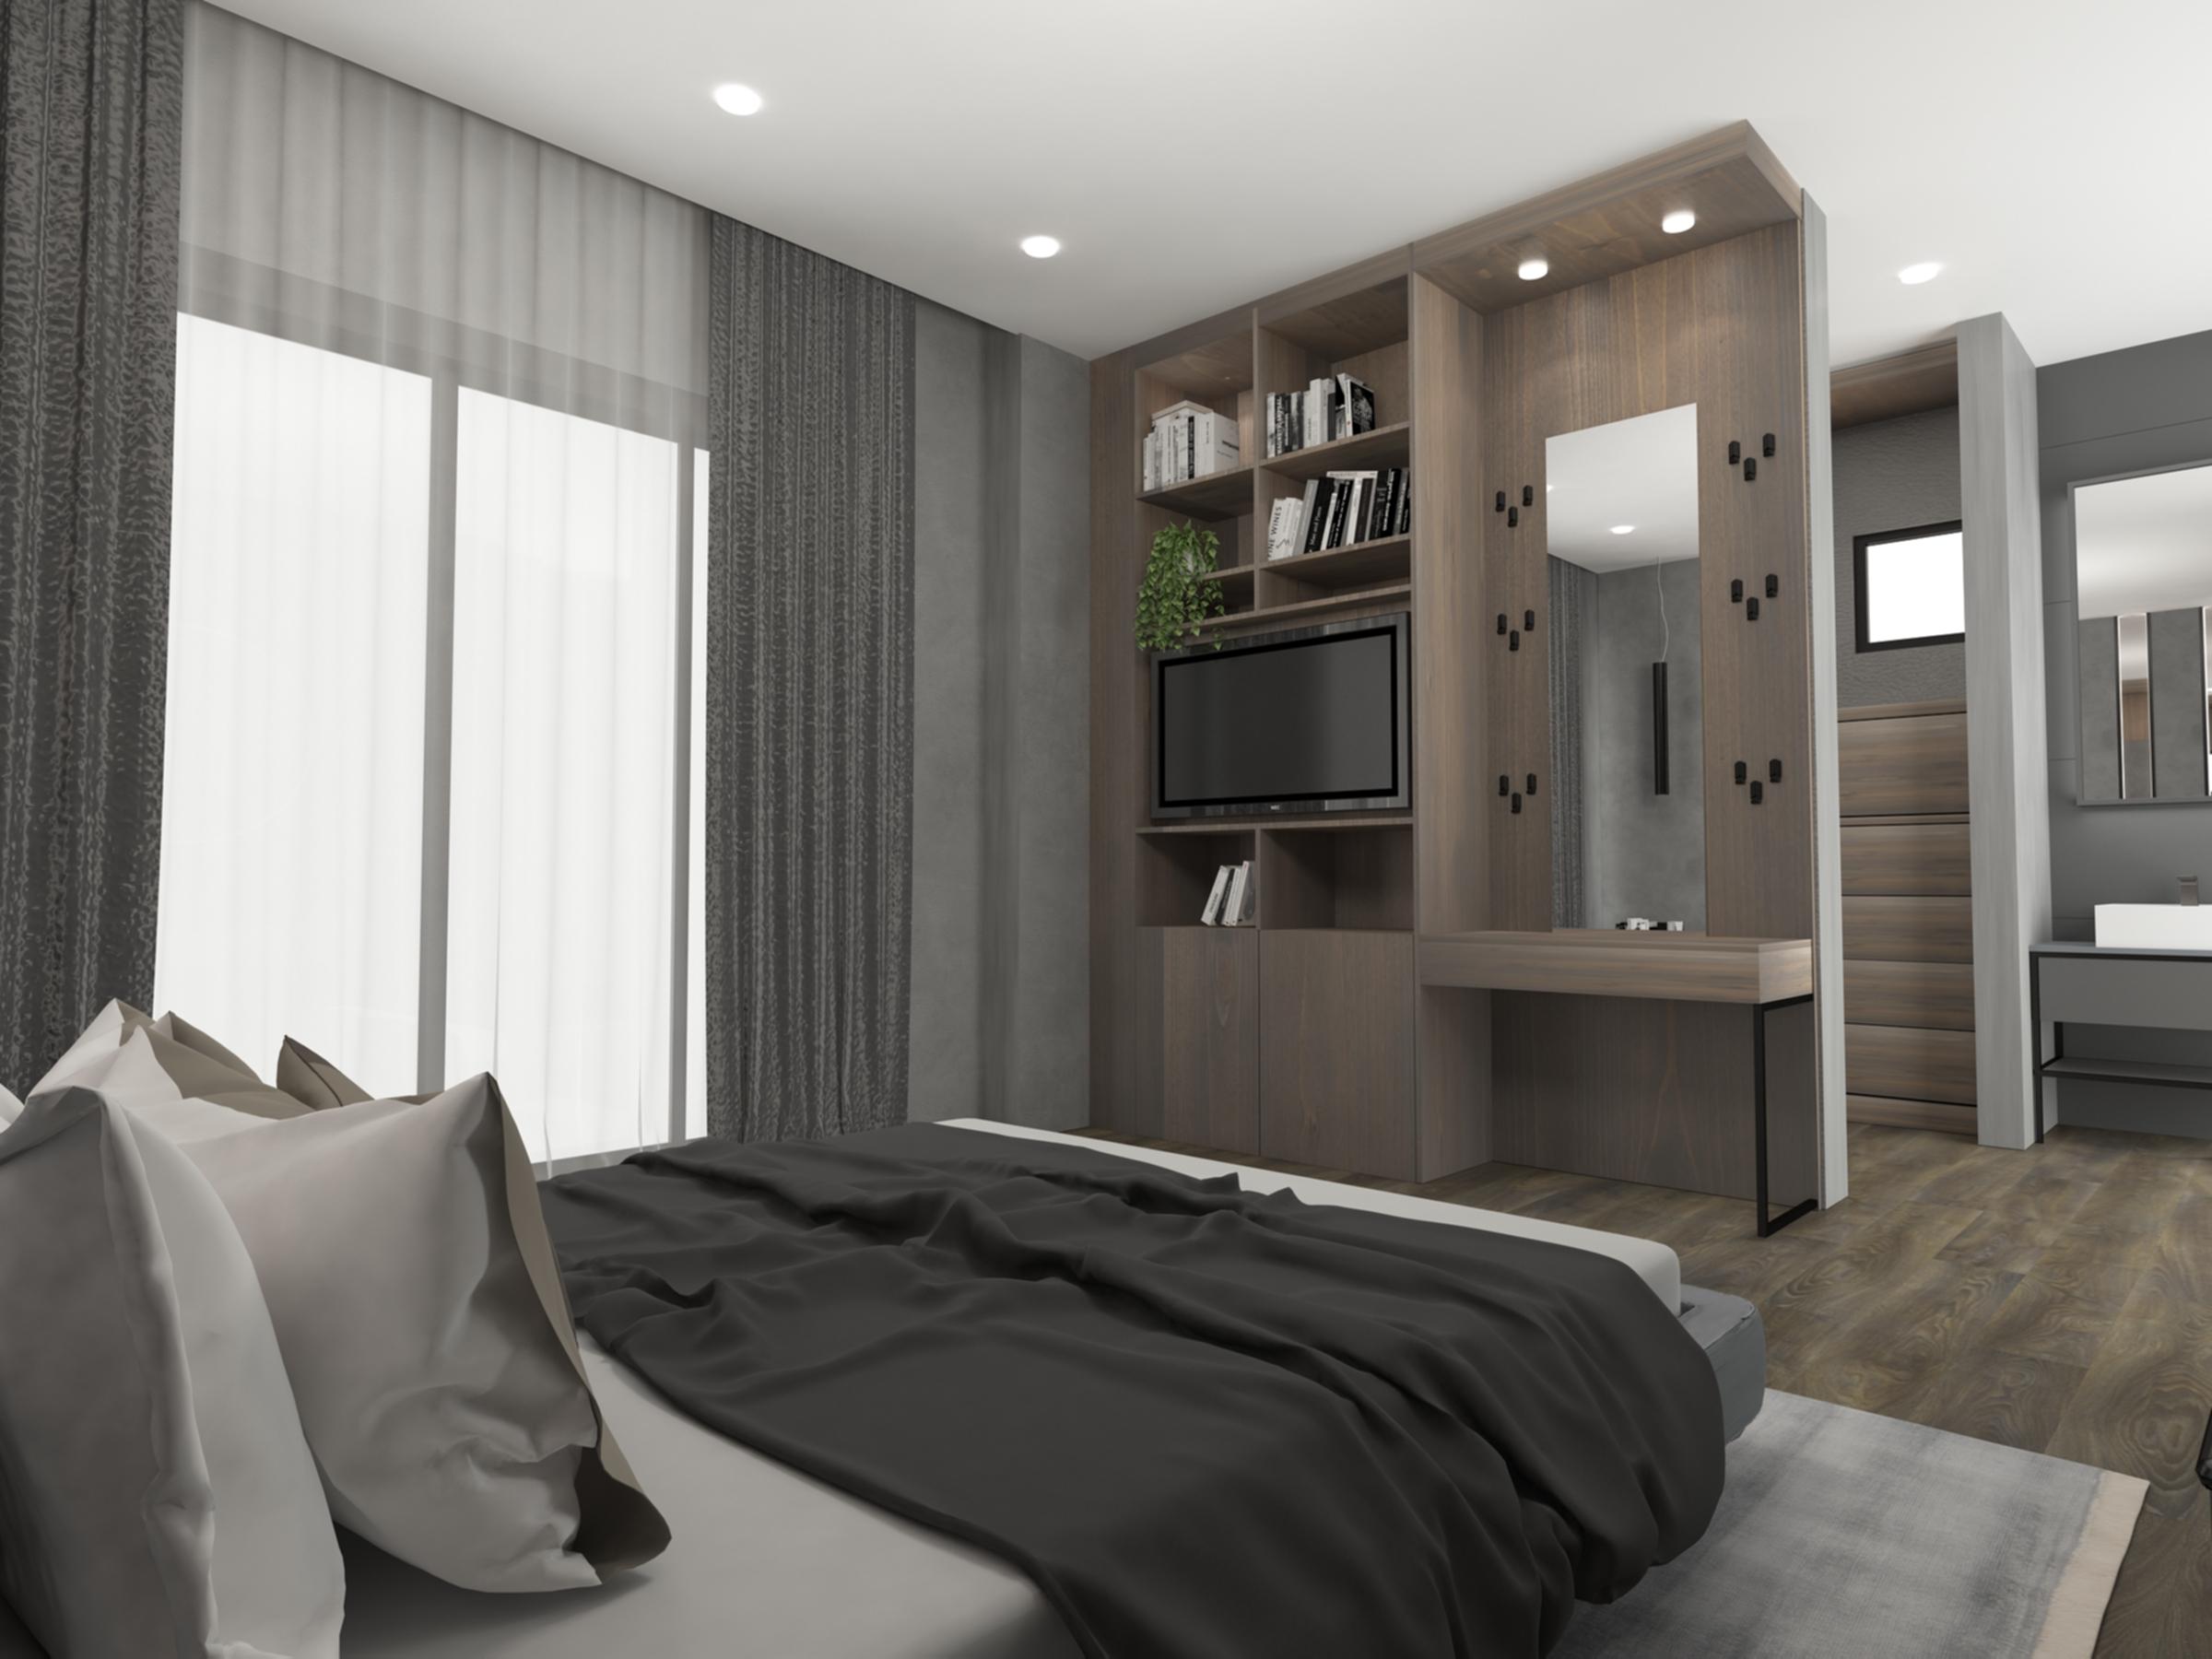 Ground master bedroom: Penthouse Apartment for Sale at Baraka Residence in Nyarutarama, Kigali